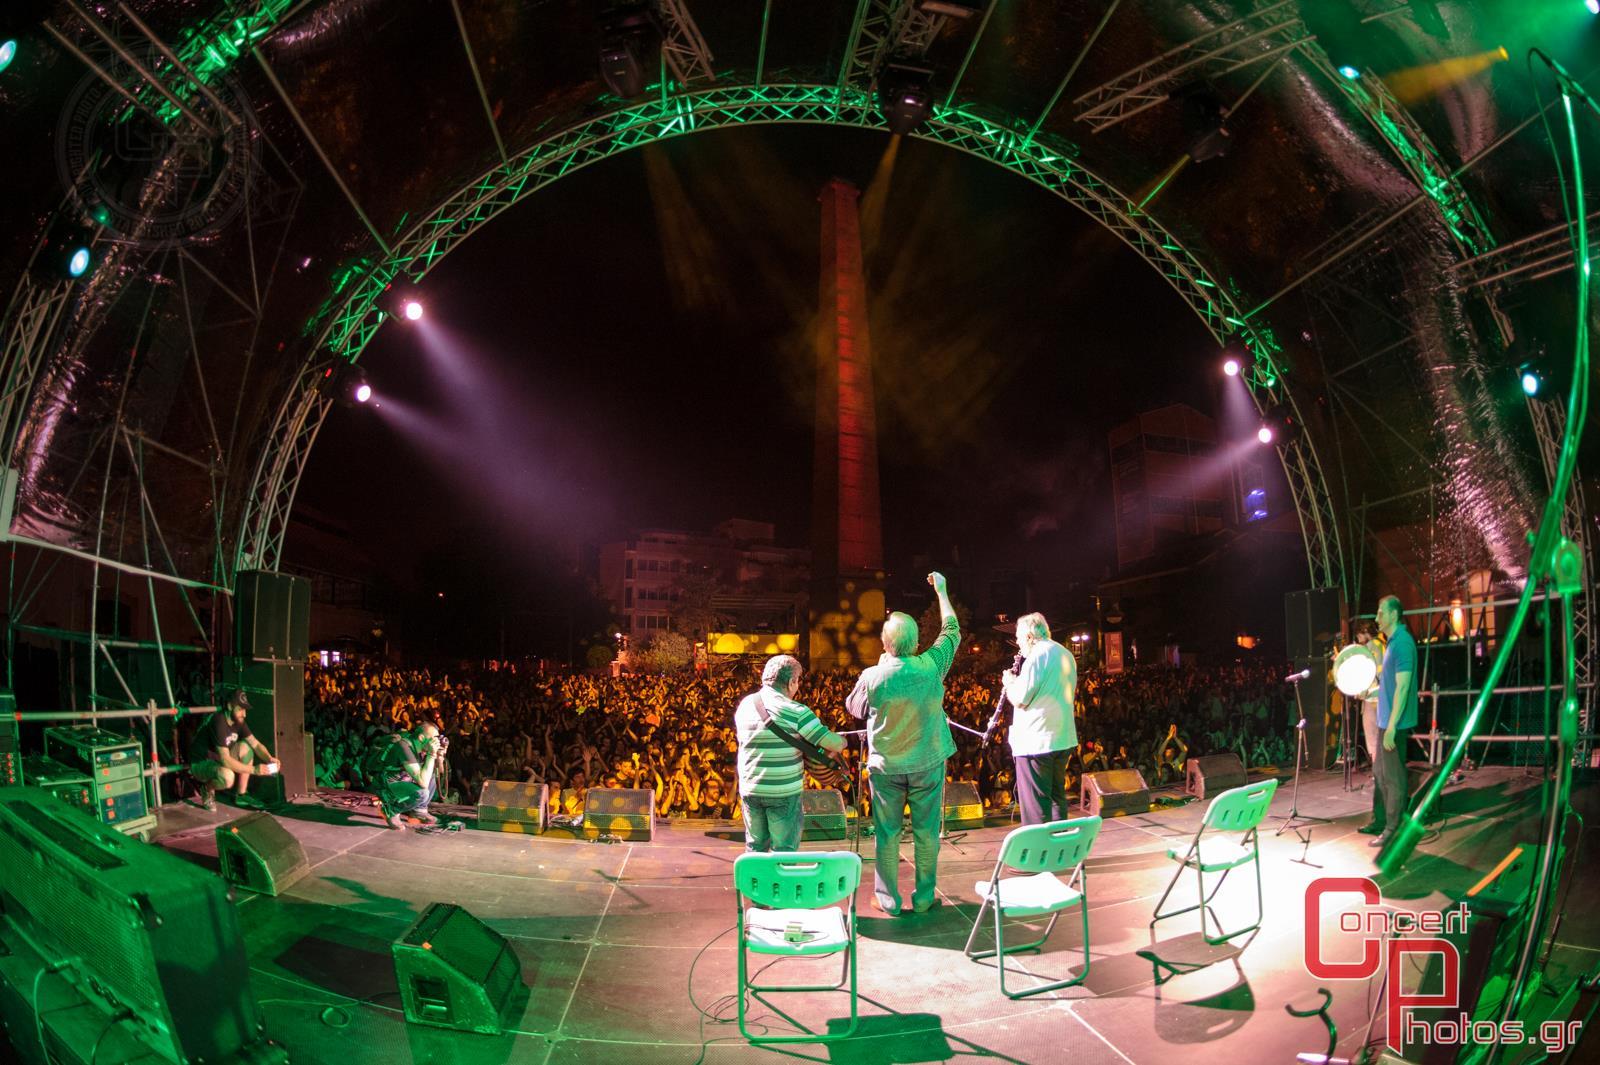 Μία συναυλία για τη Σχεδία 2014-Sxedia 2014 photographer:  - concertphotos_20140526_22_42_48